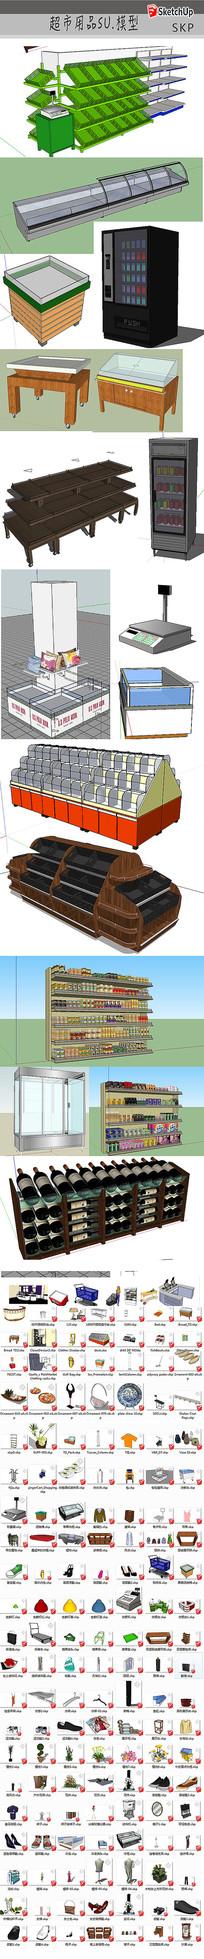 超市用品模型